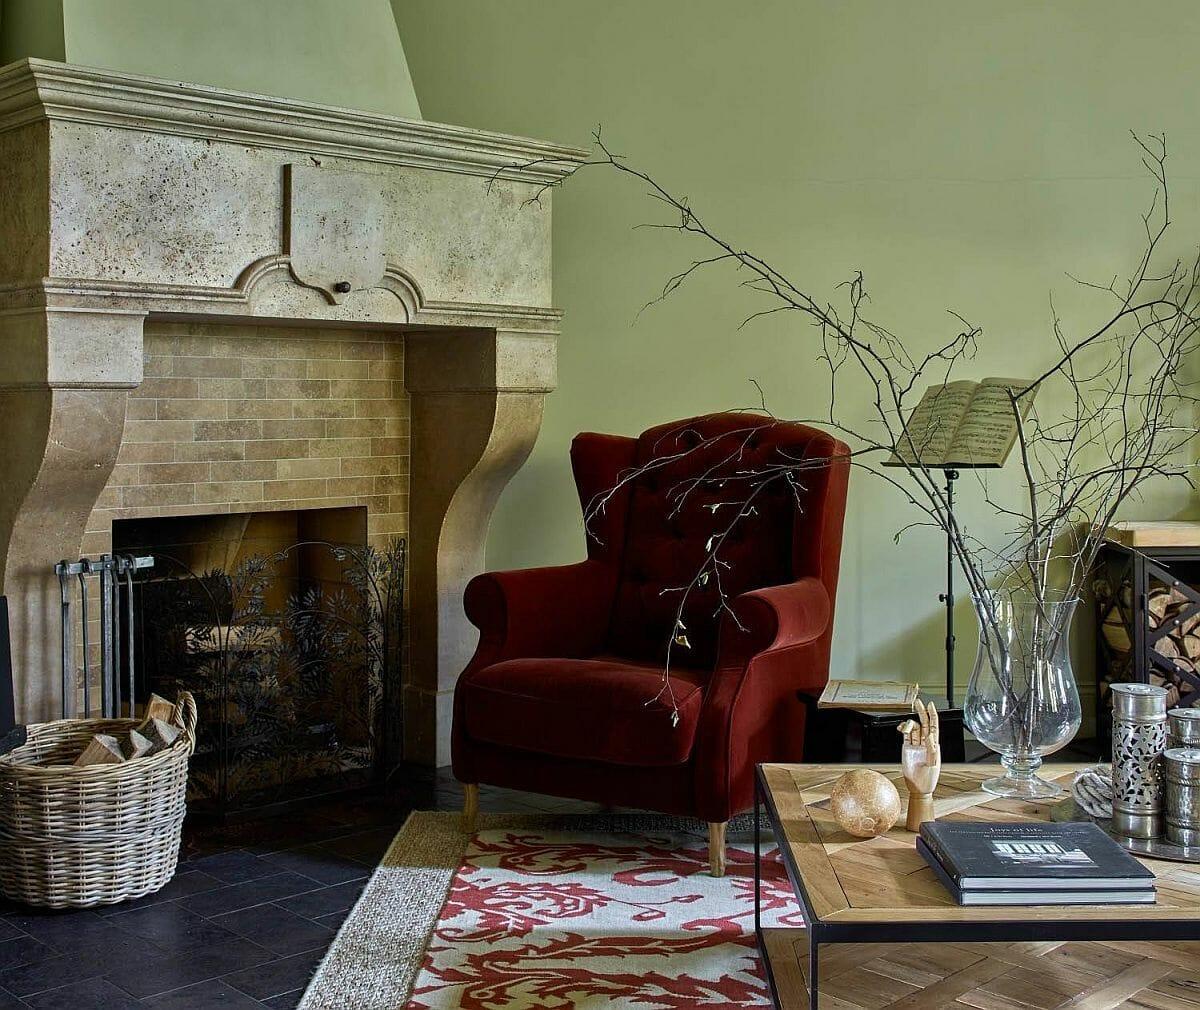 hình ảnh góc phòng khách ấn tượng với ghế bành nhung đỏ nổi bật trên nền tường màu xanh bạc hà